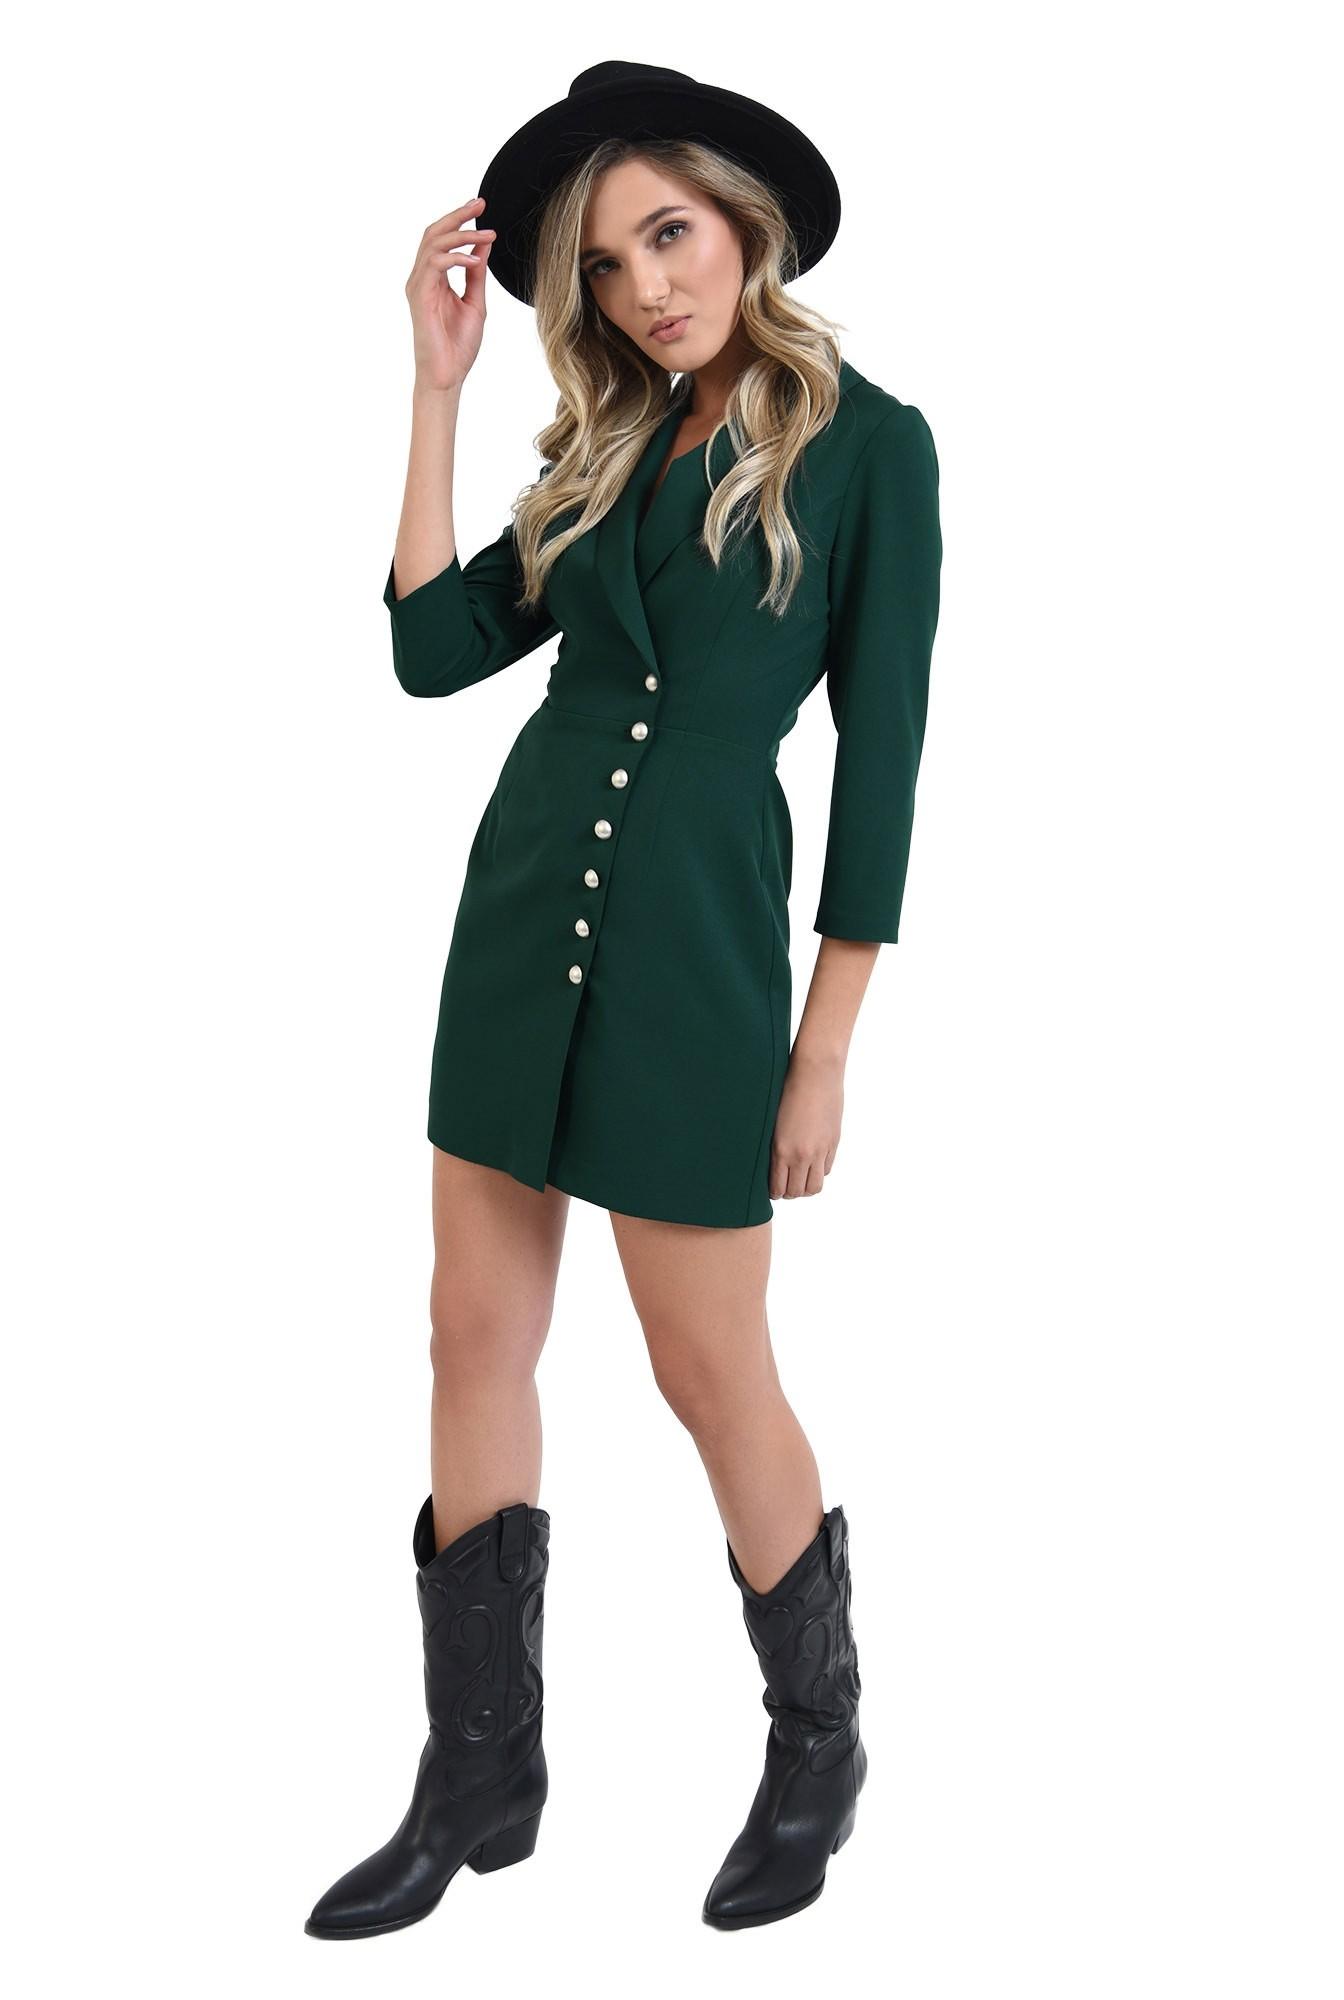 3 - 360 - rochie verde, scurta, tip sacou, cu maneca trei sferturi